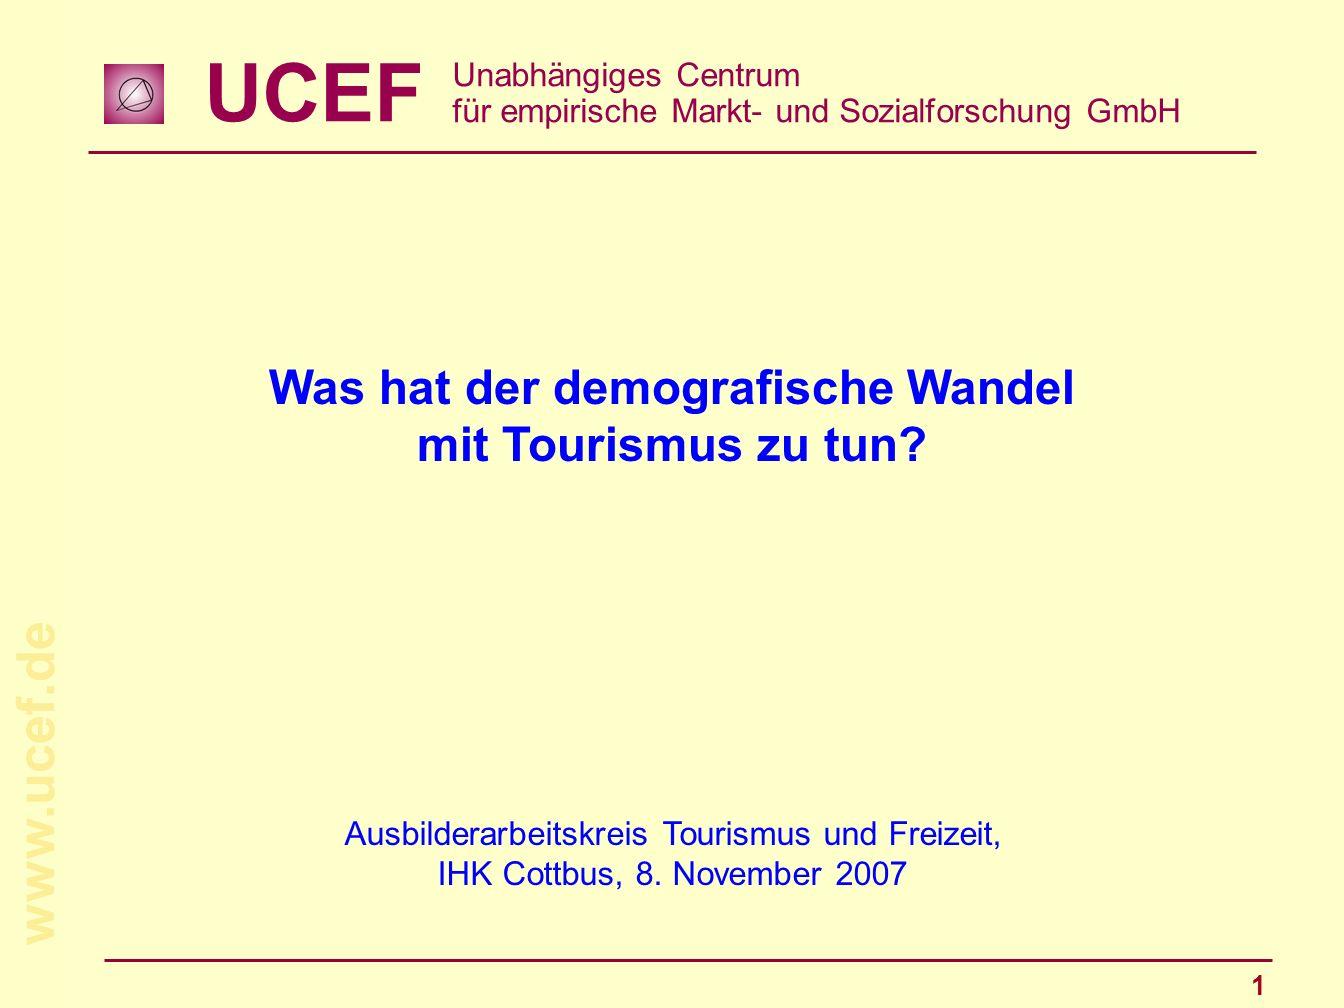 UCEF Unabhängiges Centrum für empirische Markt- und Sozialforschung GmbH www.ucef.de 1 Ausbilderarbeitskreis Tourismus und Freizeit, IHK Cottbus, 8. N